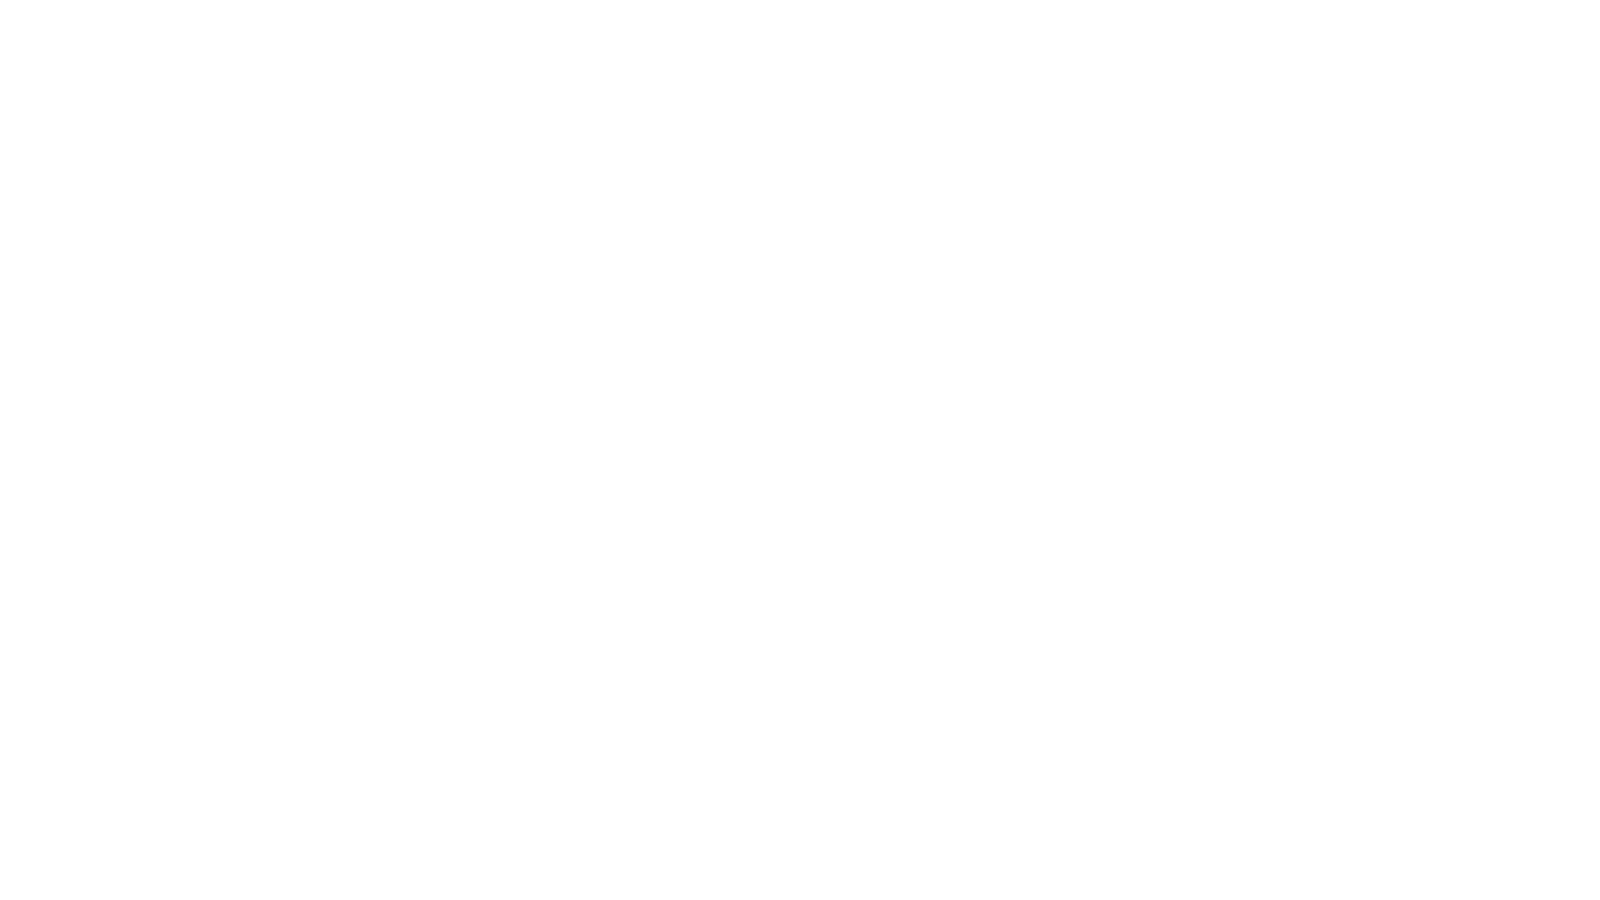 Een registratie van het Middelstumer Volkslied opgenomen in augustus 2011 ter gelegenheid van Het Leukste Dorp Van Groningen 2011. De opnames werden gemaakt in de Hippolytuskerk te Middelstum. Zang: Marten de Vries, Kees Geut, Geert Wieringa, Hans van Raalte, Hester Meinders, Gonnie Wieringa, Jolanda Bodde en Tineke de Vries. Het orgel werd bespeeld door Jan Zuidhof.  Opnames en montage: Gerard Stuitje